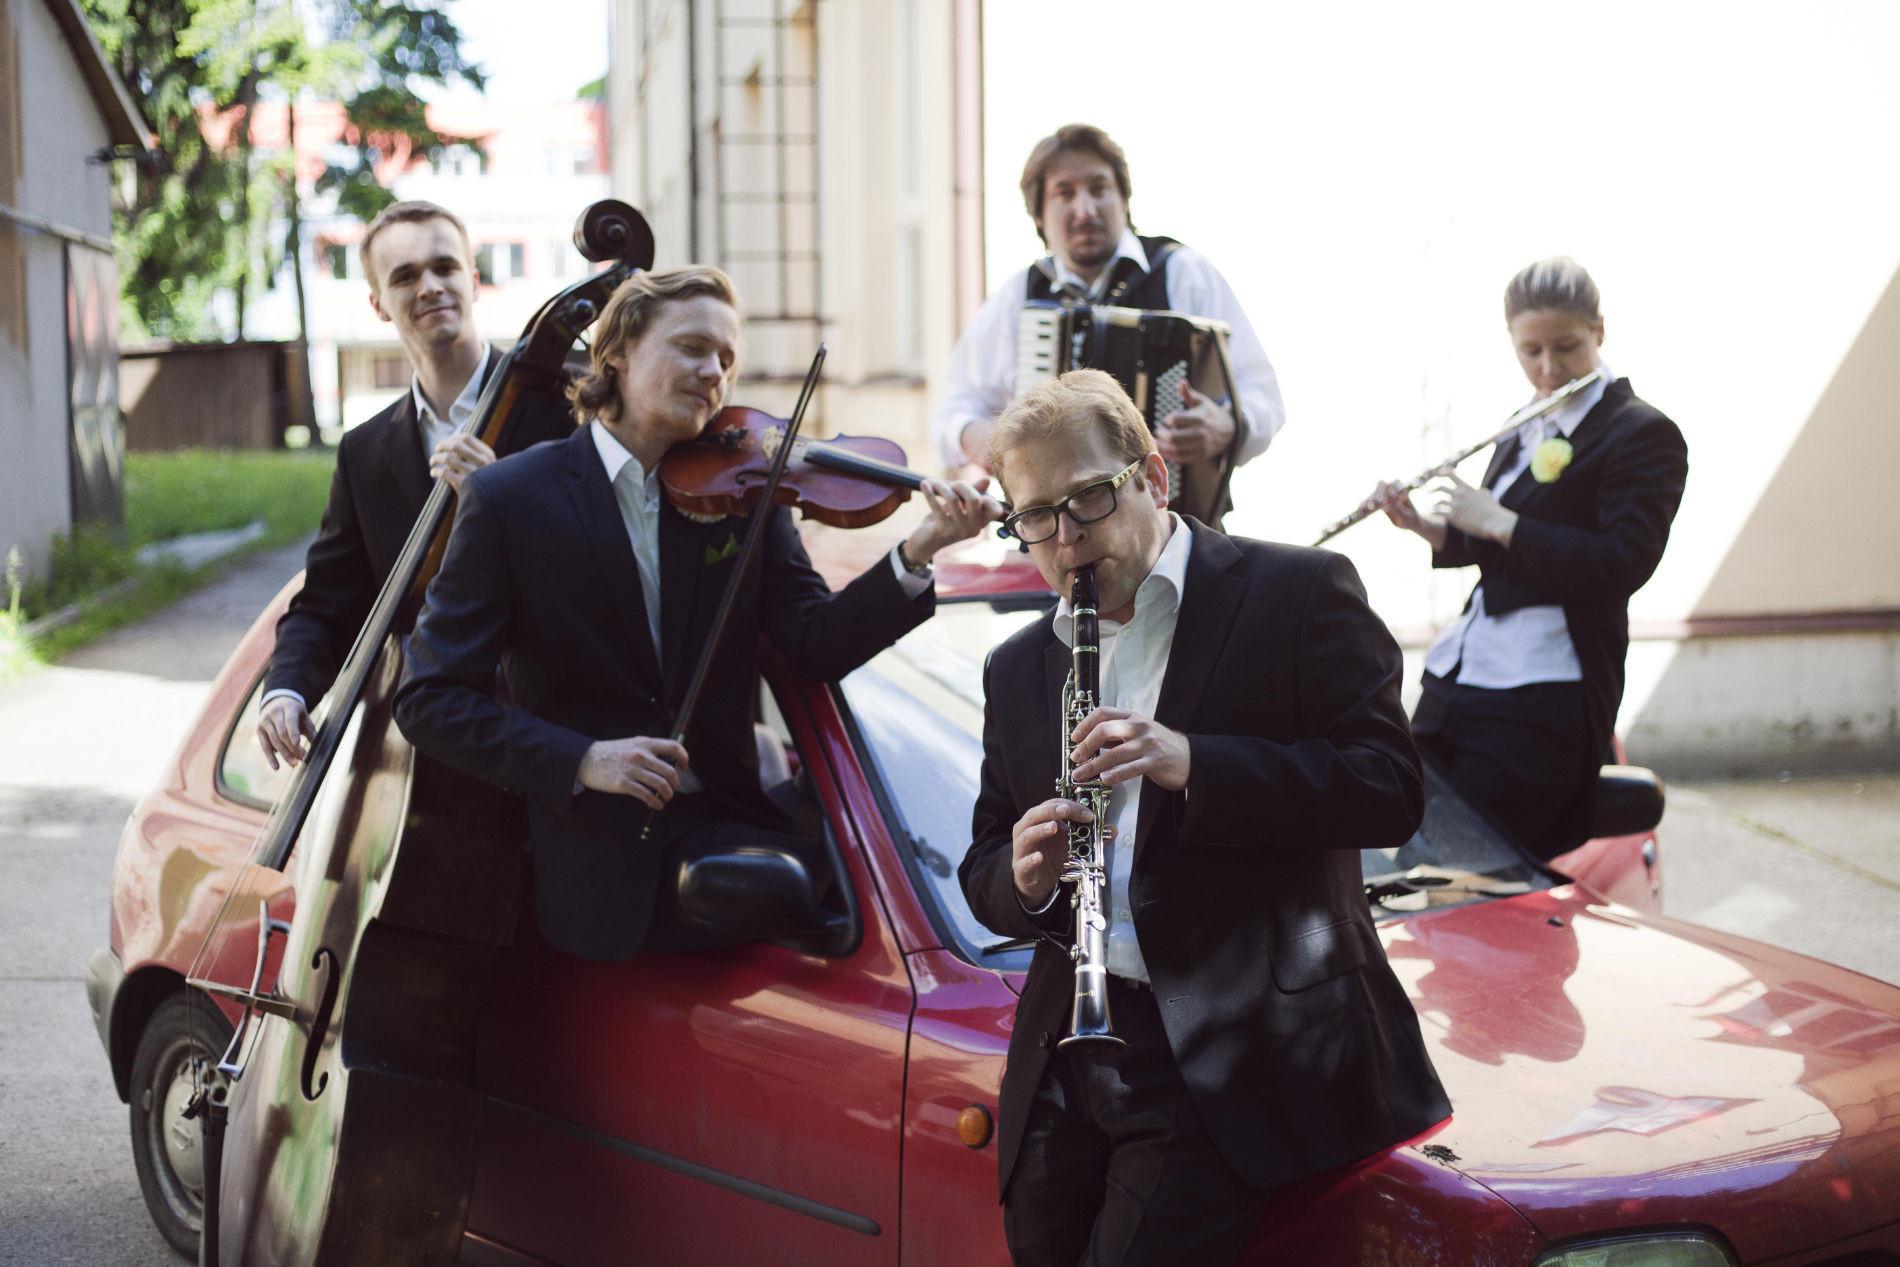 Die tschechische Band The Flying Rabbi lässt das jüdische Osteuropa anklingen.